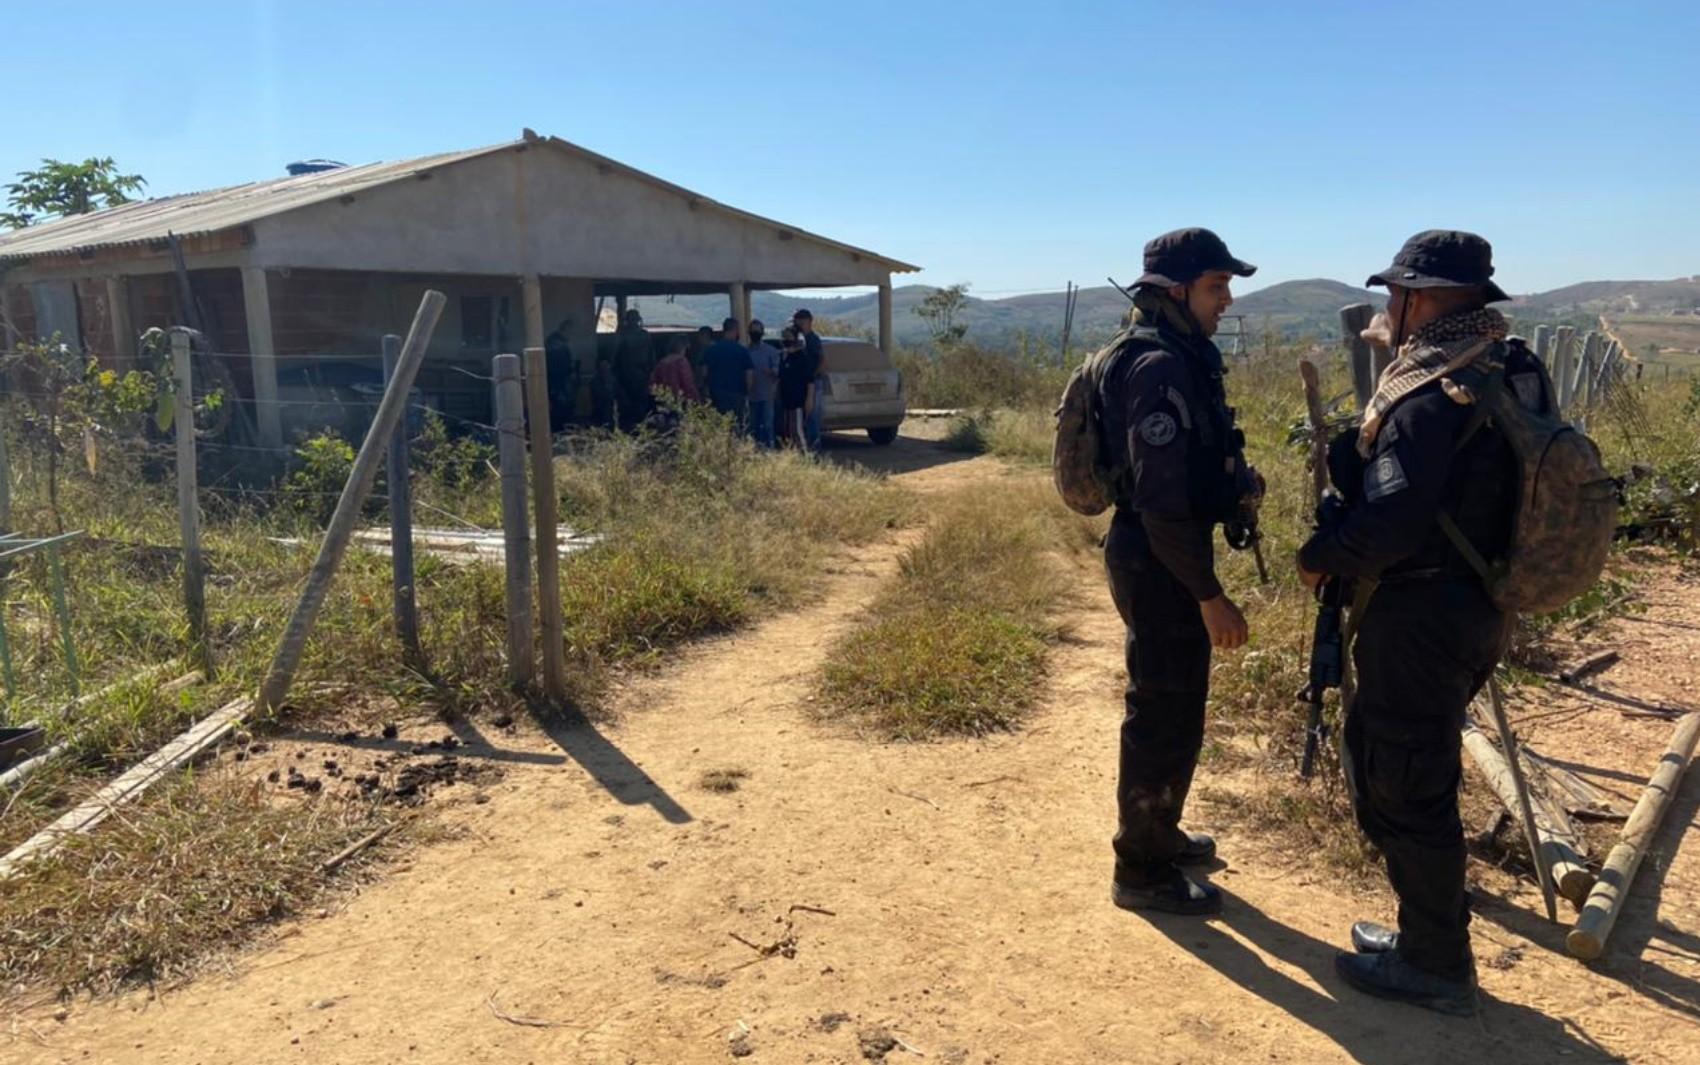 Policiais periciaram chácara onde houve troca de tiros e Lázaro Barbosa possivelmente esteve, diz força-tarefa